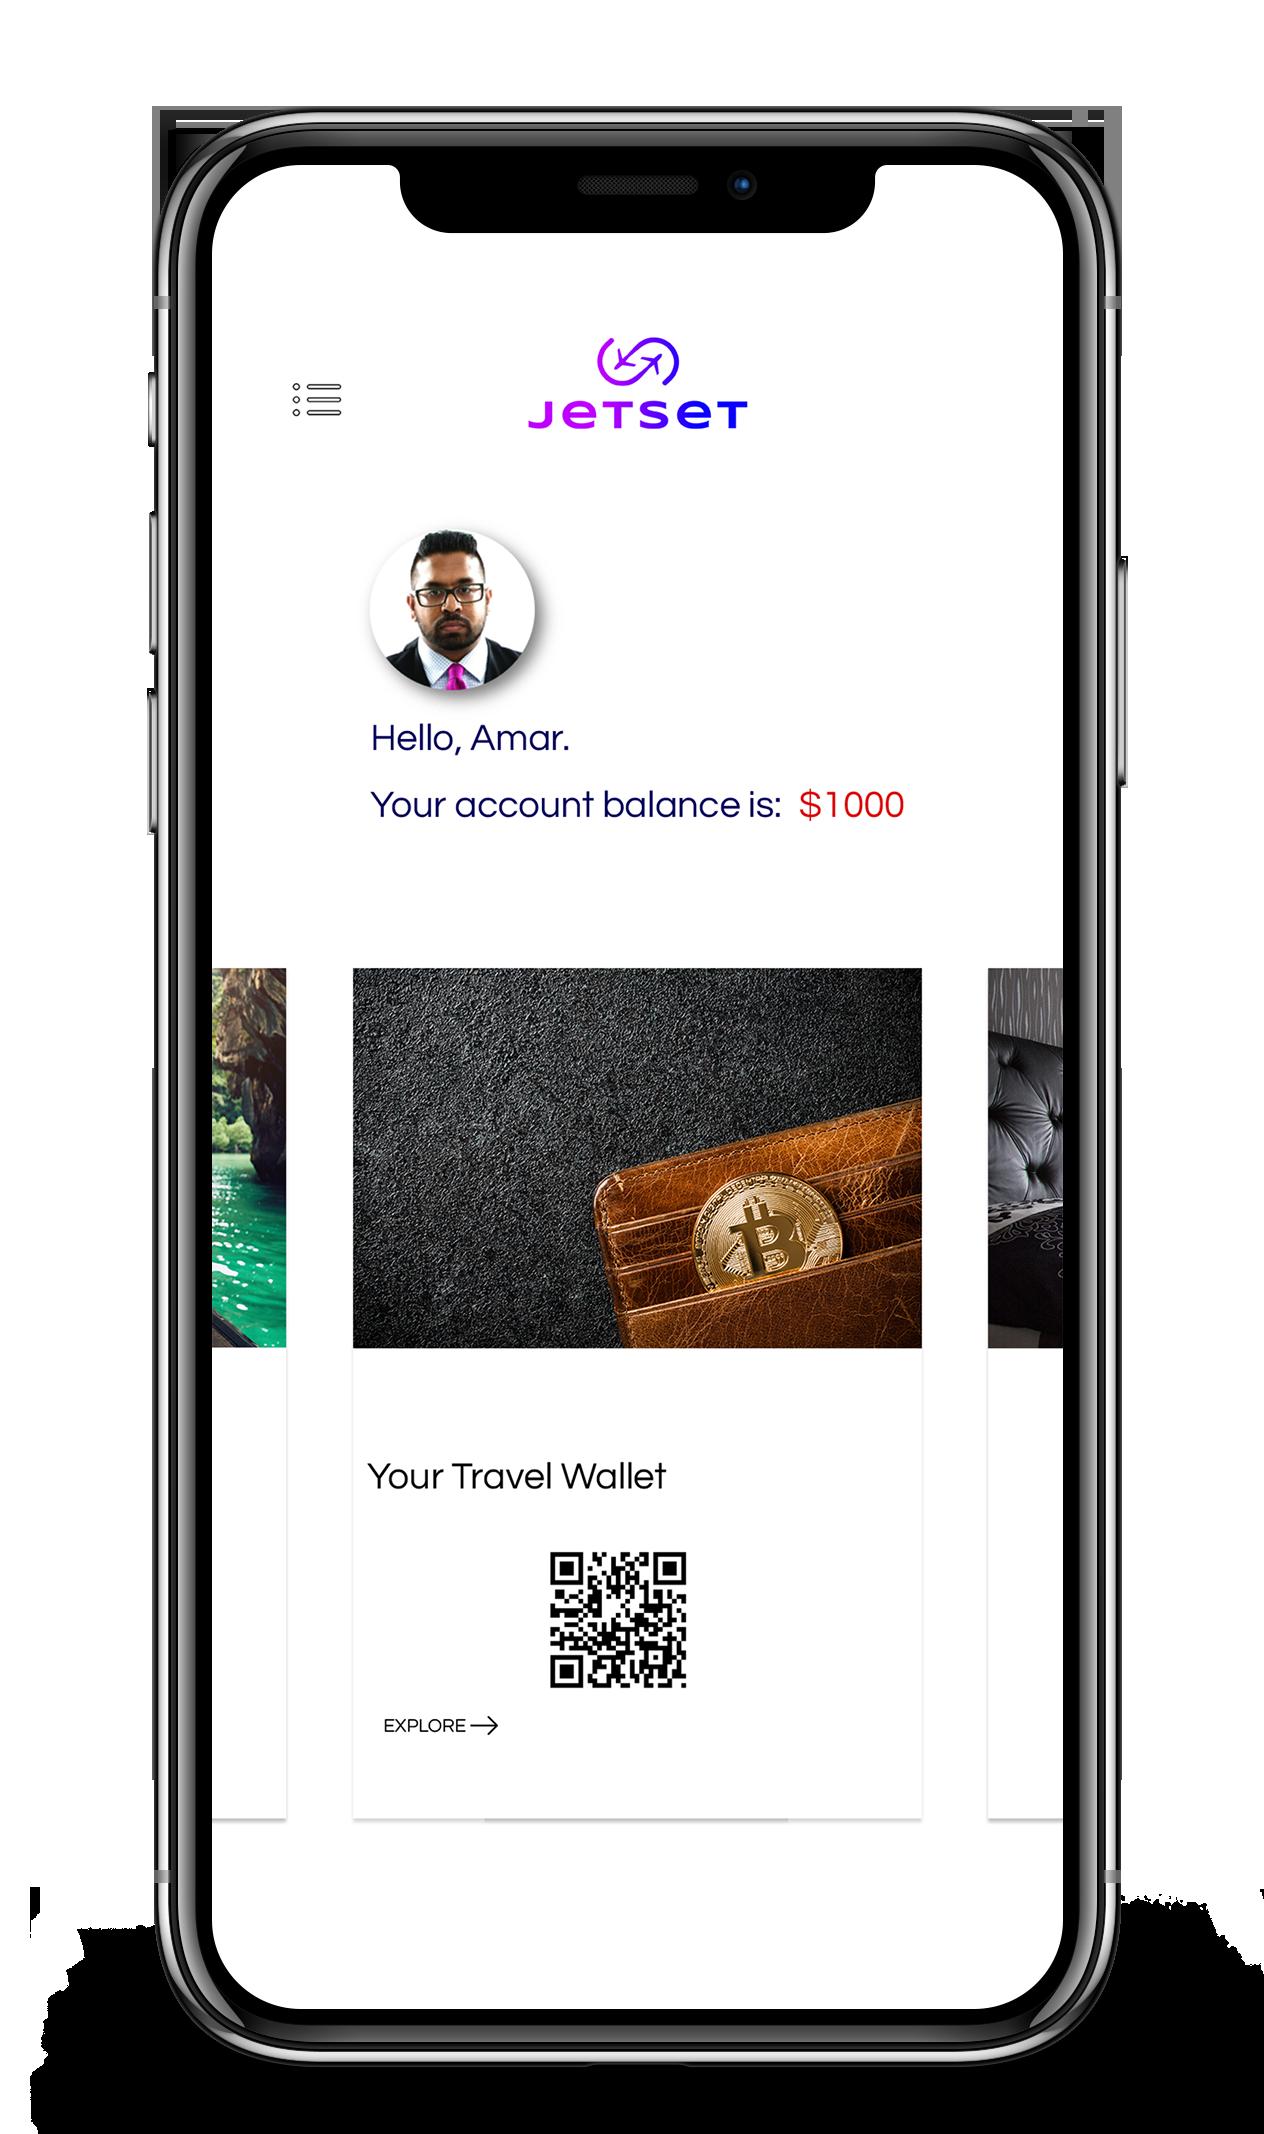 wallet_card_mockup.png